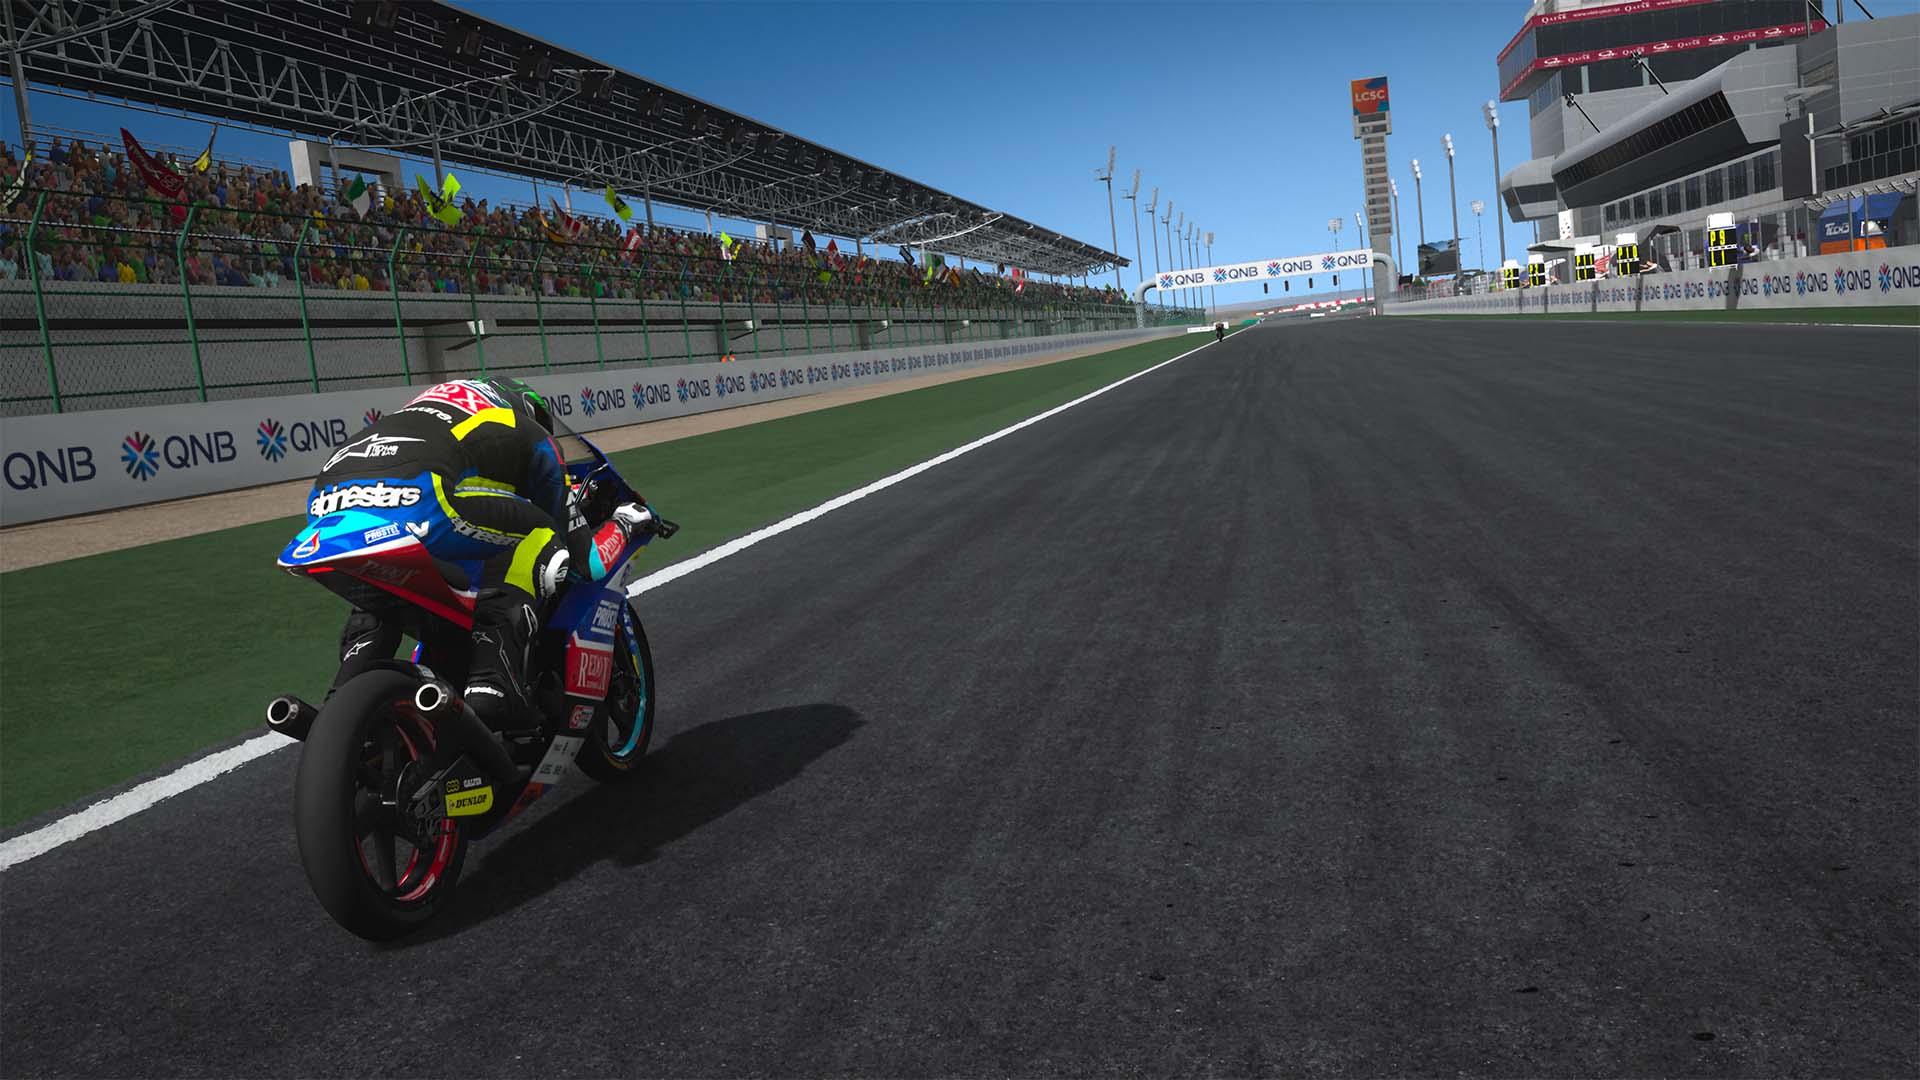 MotoGP 20 recibe una nueva actualización mejorando la IA y mucho más 3